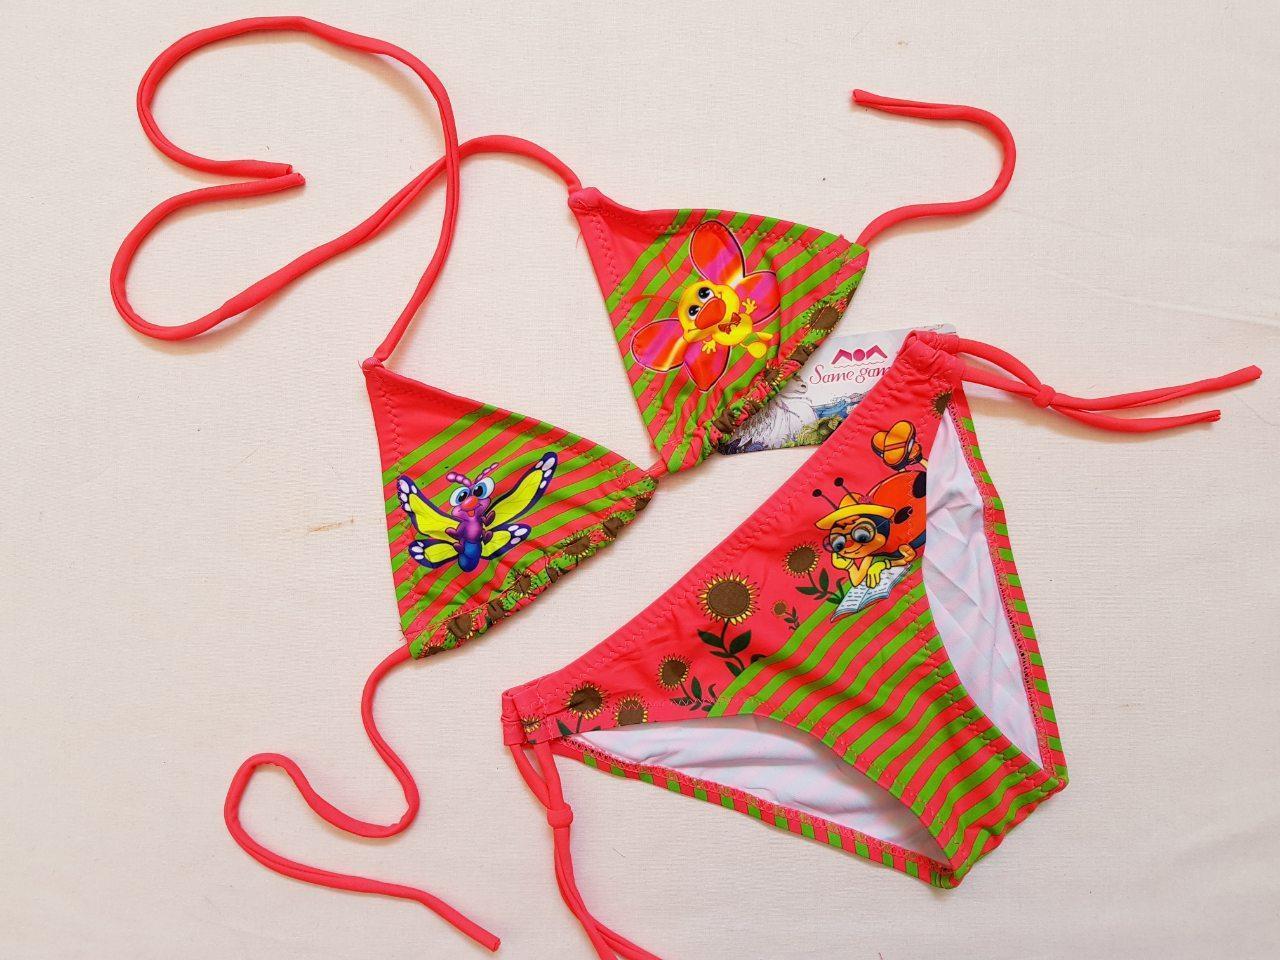 Купальник детский SAME GAME 33950 Глория розовый (есть размеры 28 30 32 34 36)